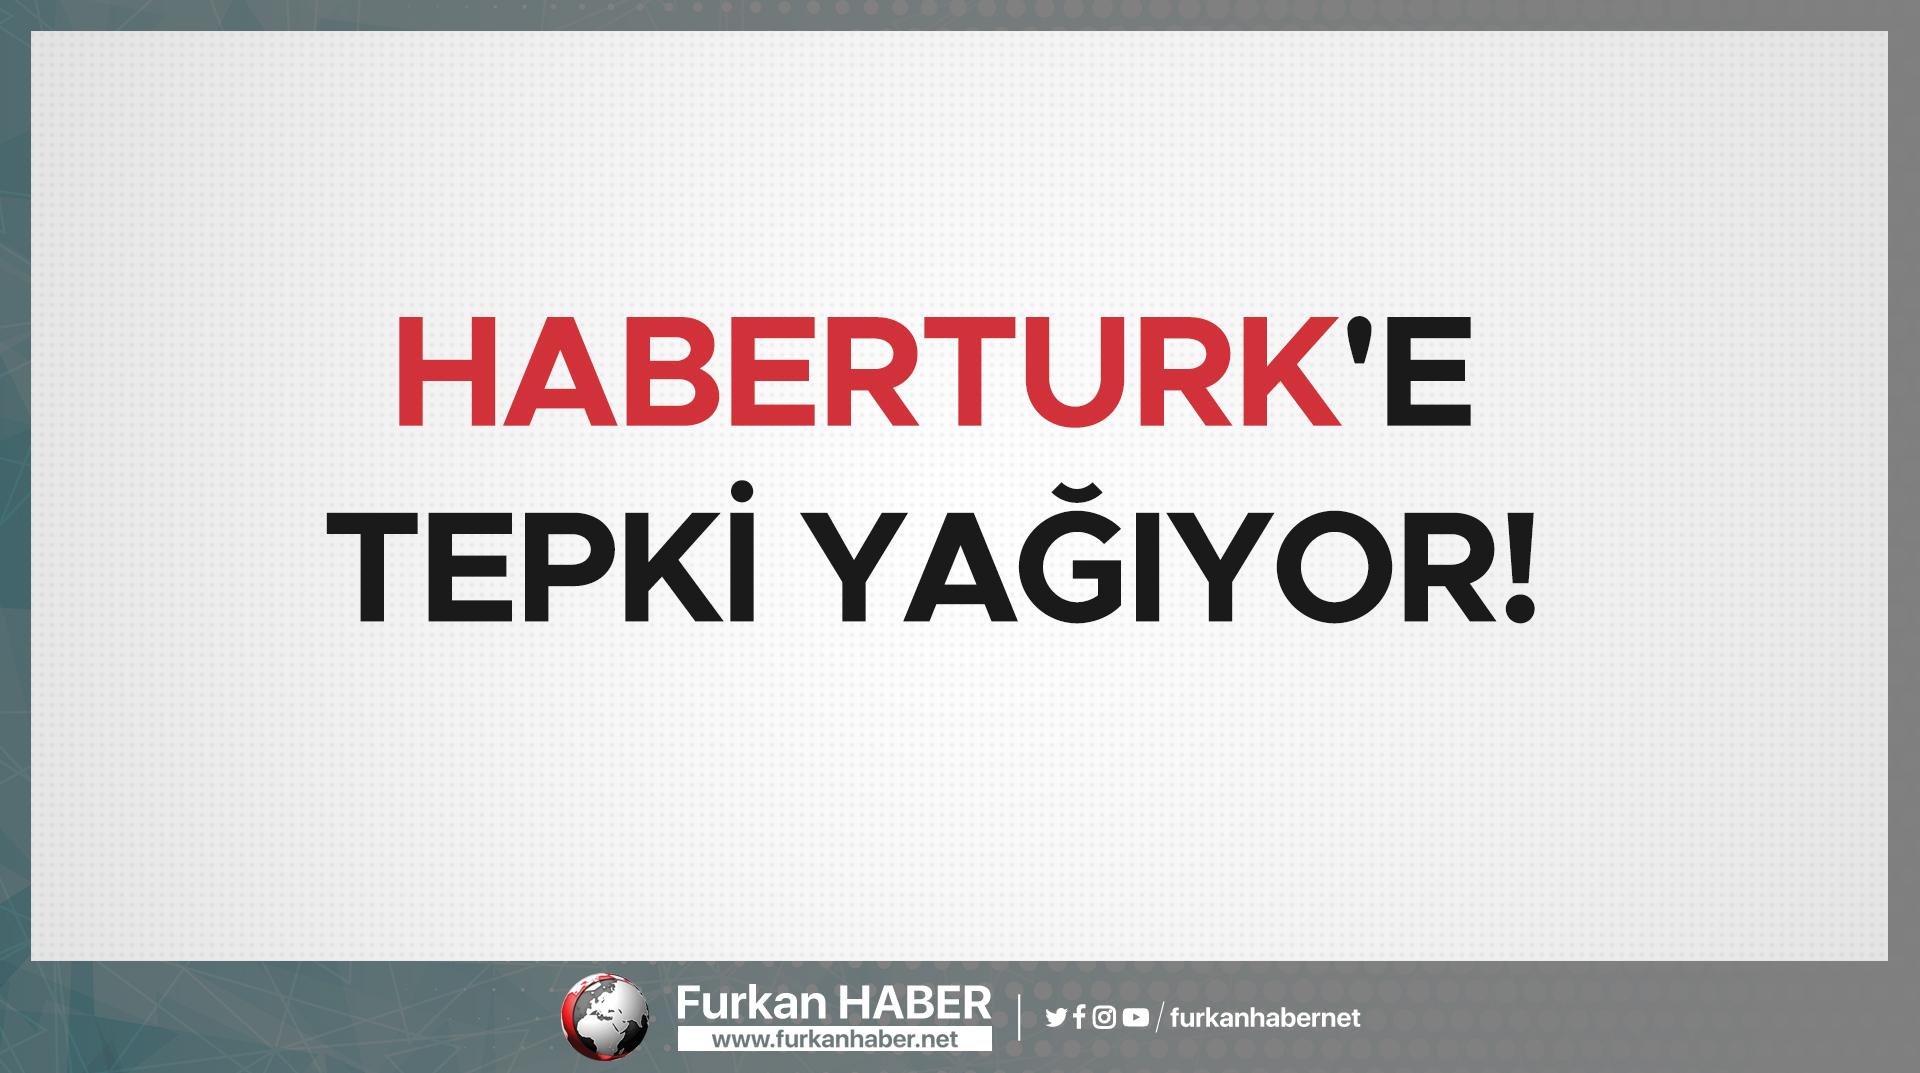 Habertürk'e Tepki Yağıyor!